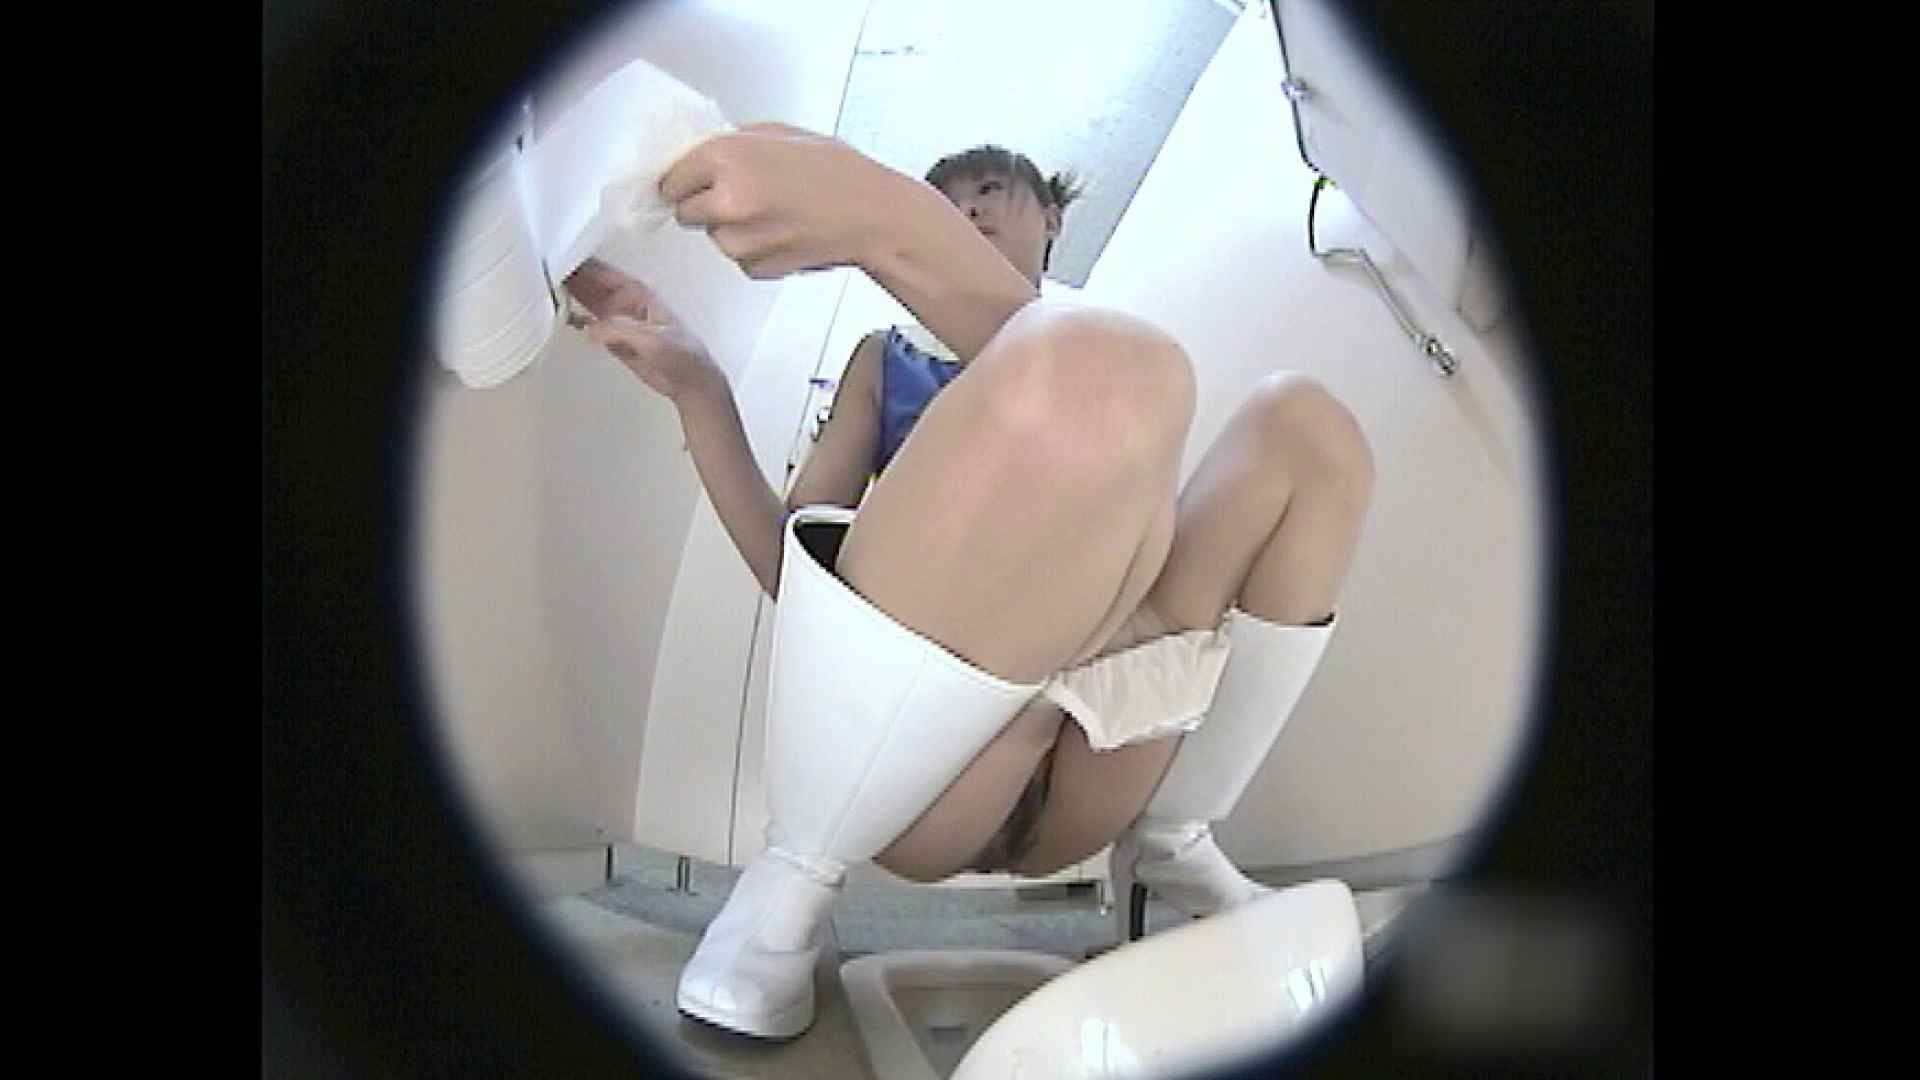 レースクィーントイレ盗撮!Vol.02 美しいOLの裸体 性交動画流出 79pic 46